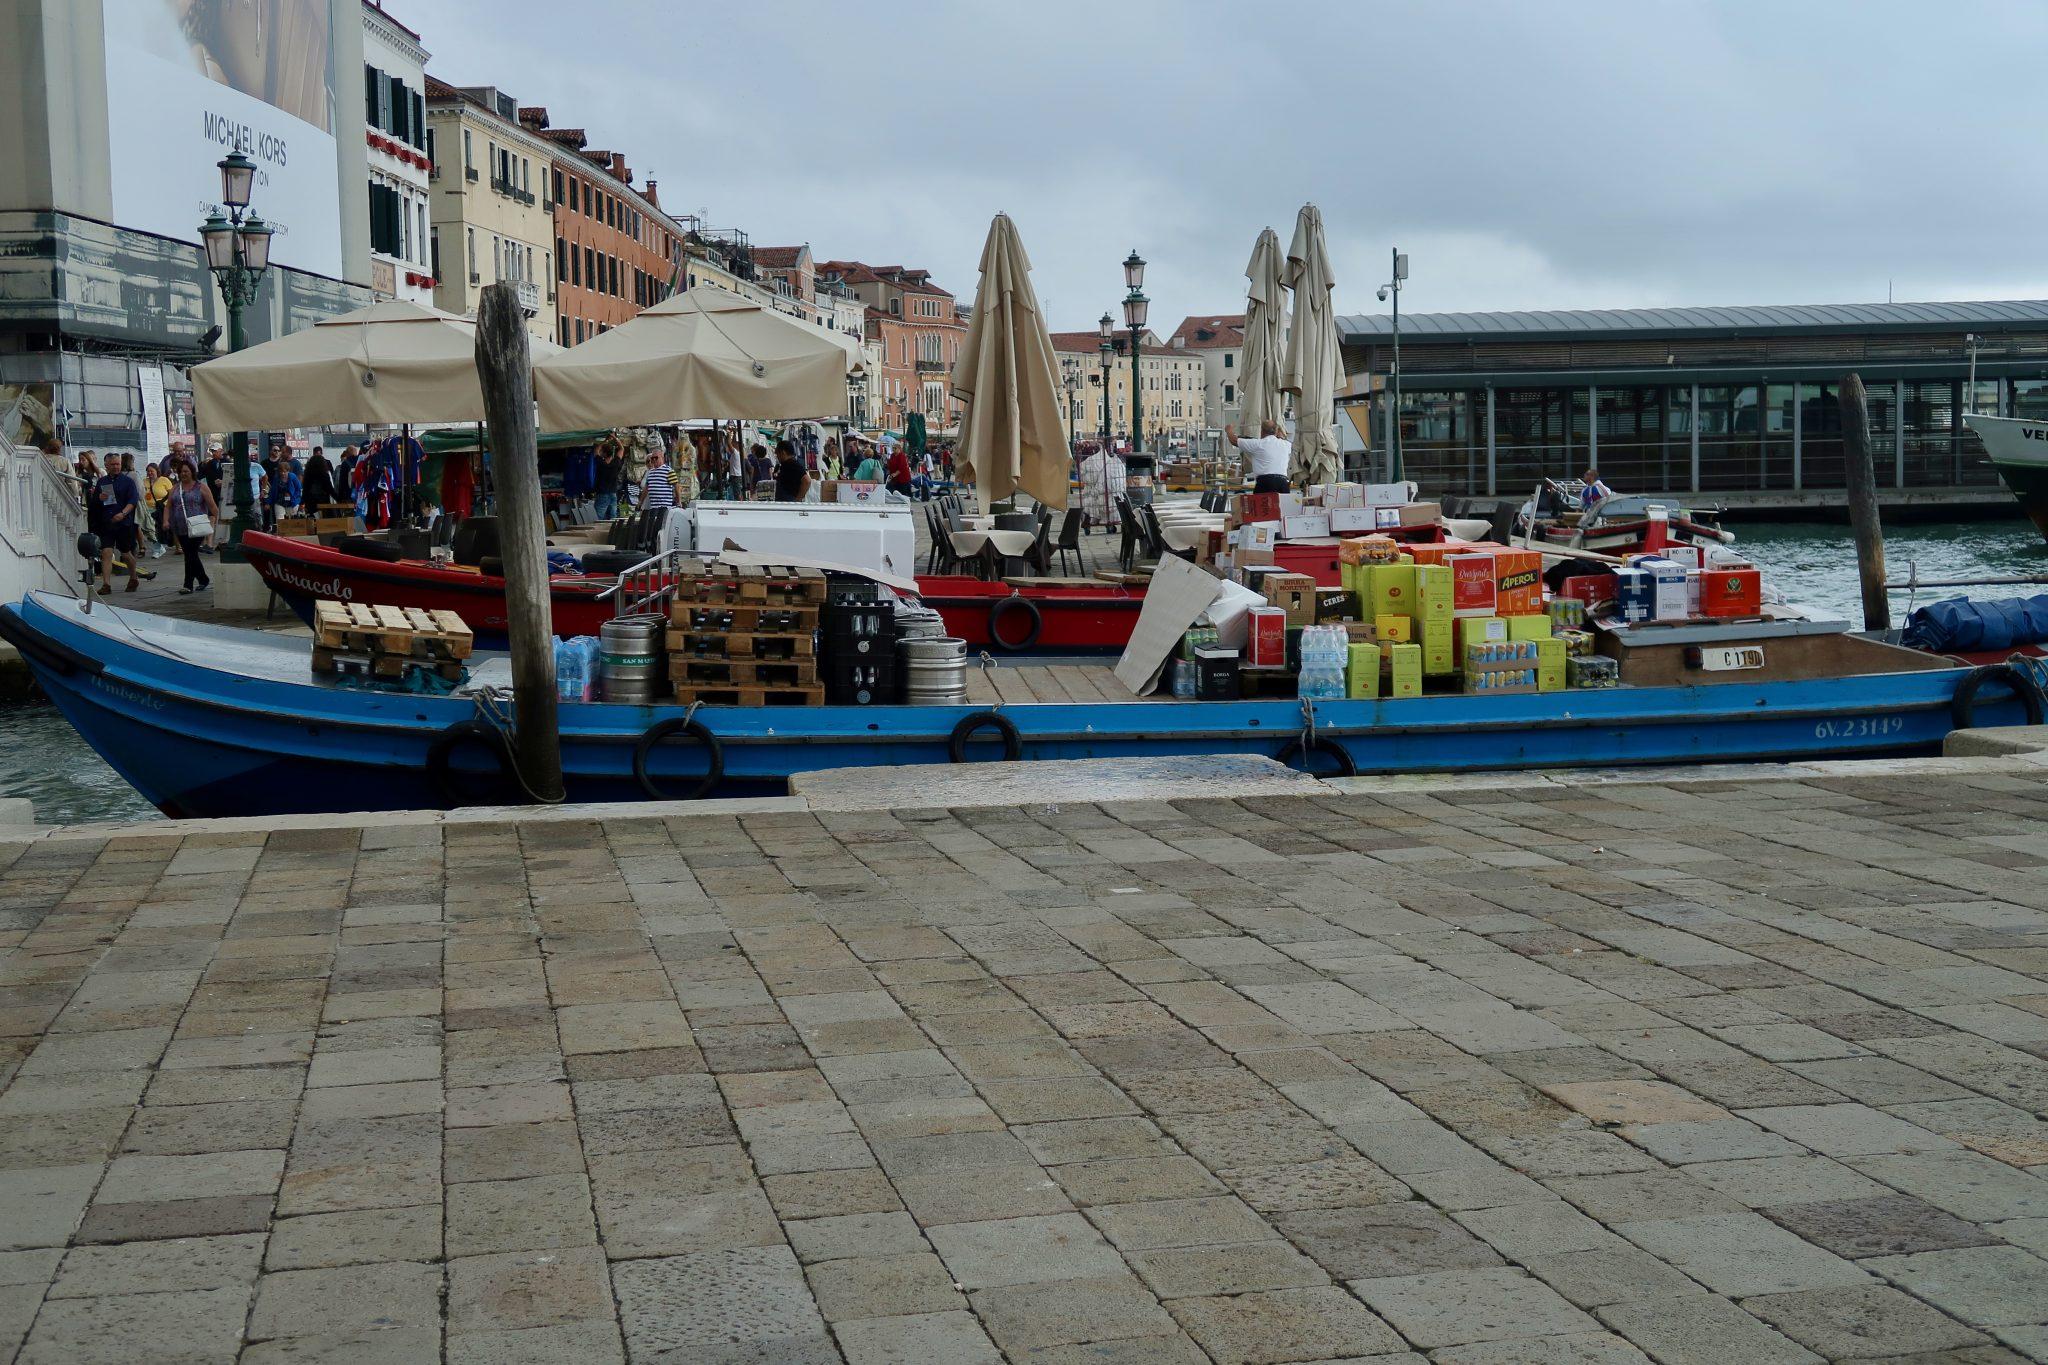 Venedig: Lieferanten liefern über Boote